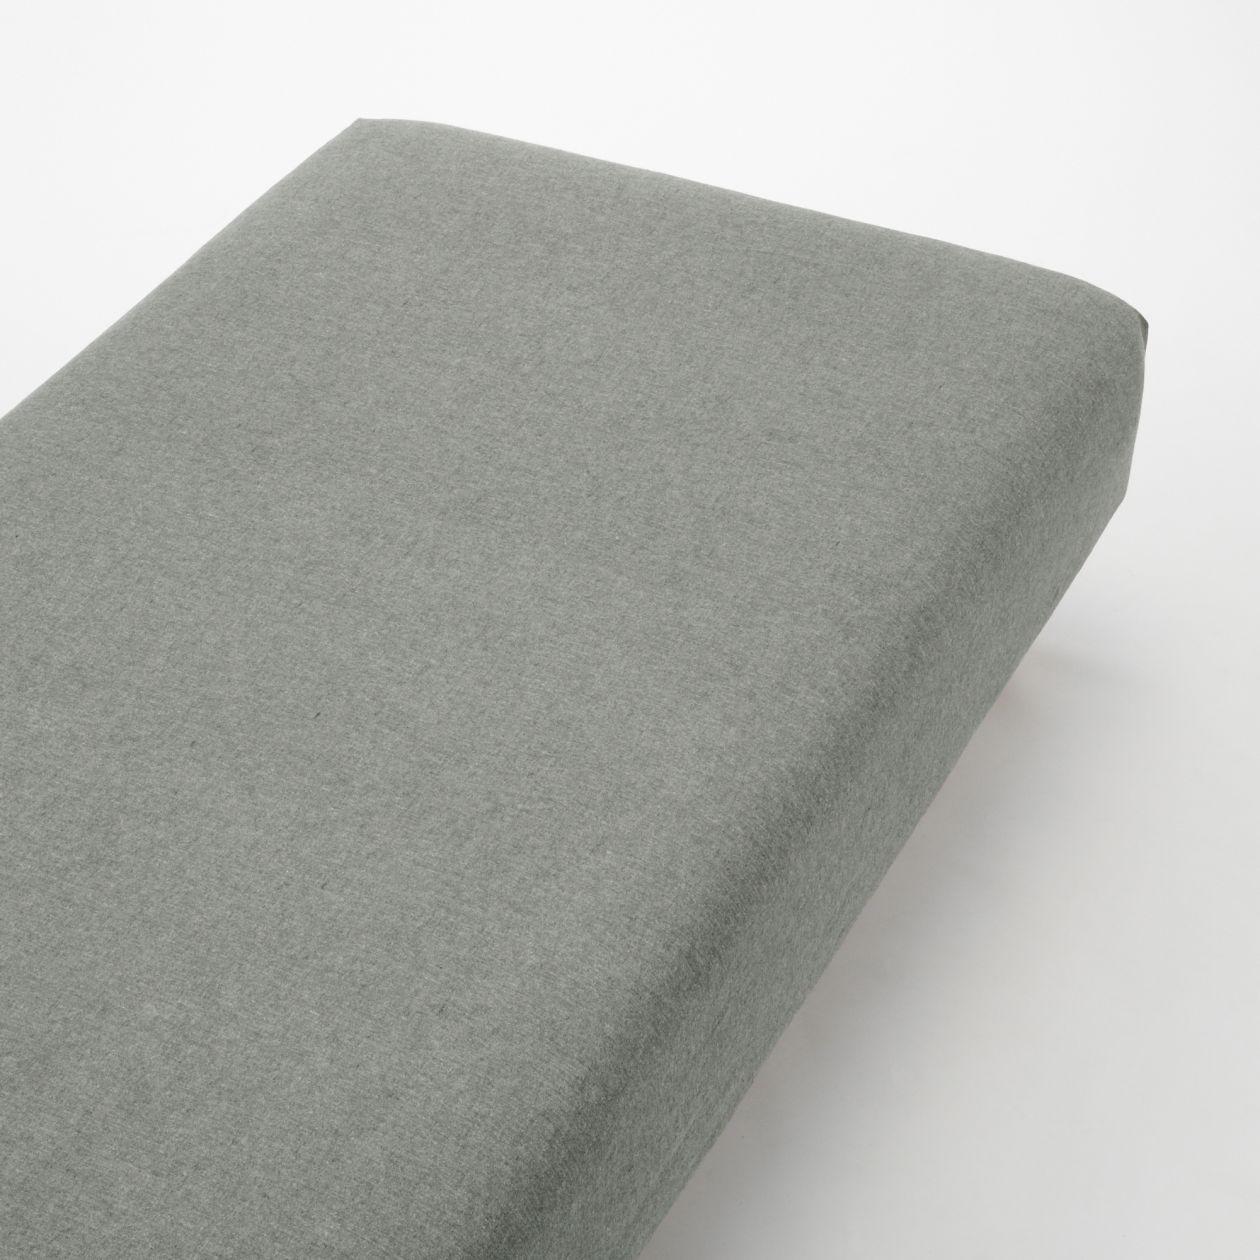 綿フランネルボックスシーツ・S/杢ブラウン